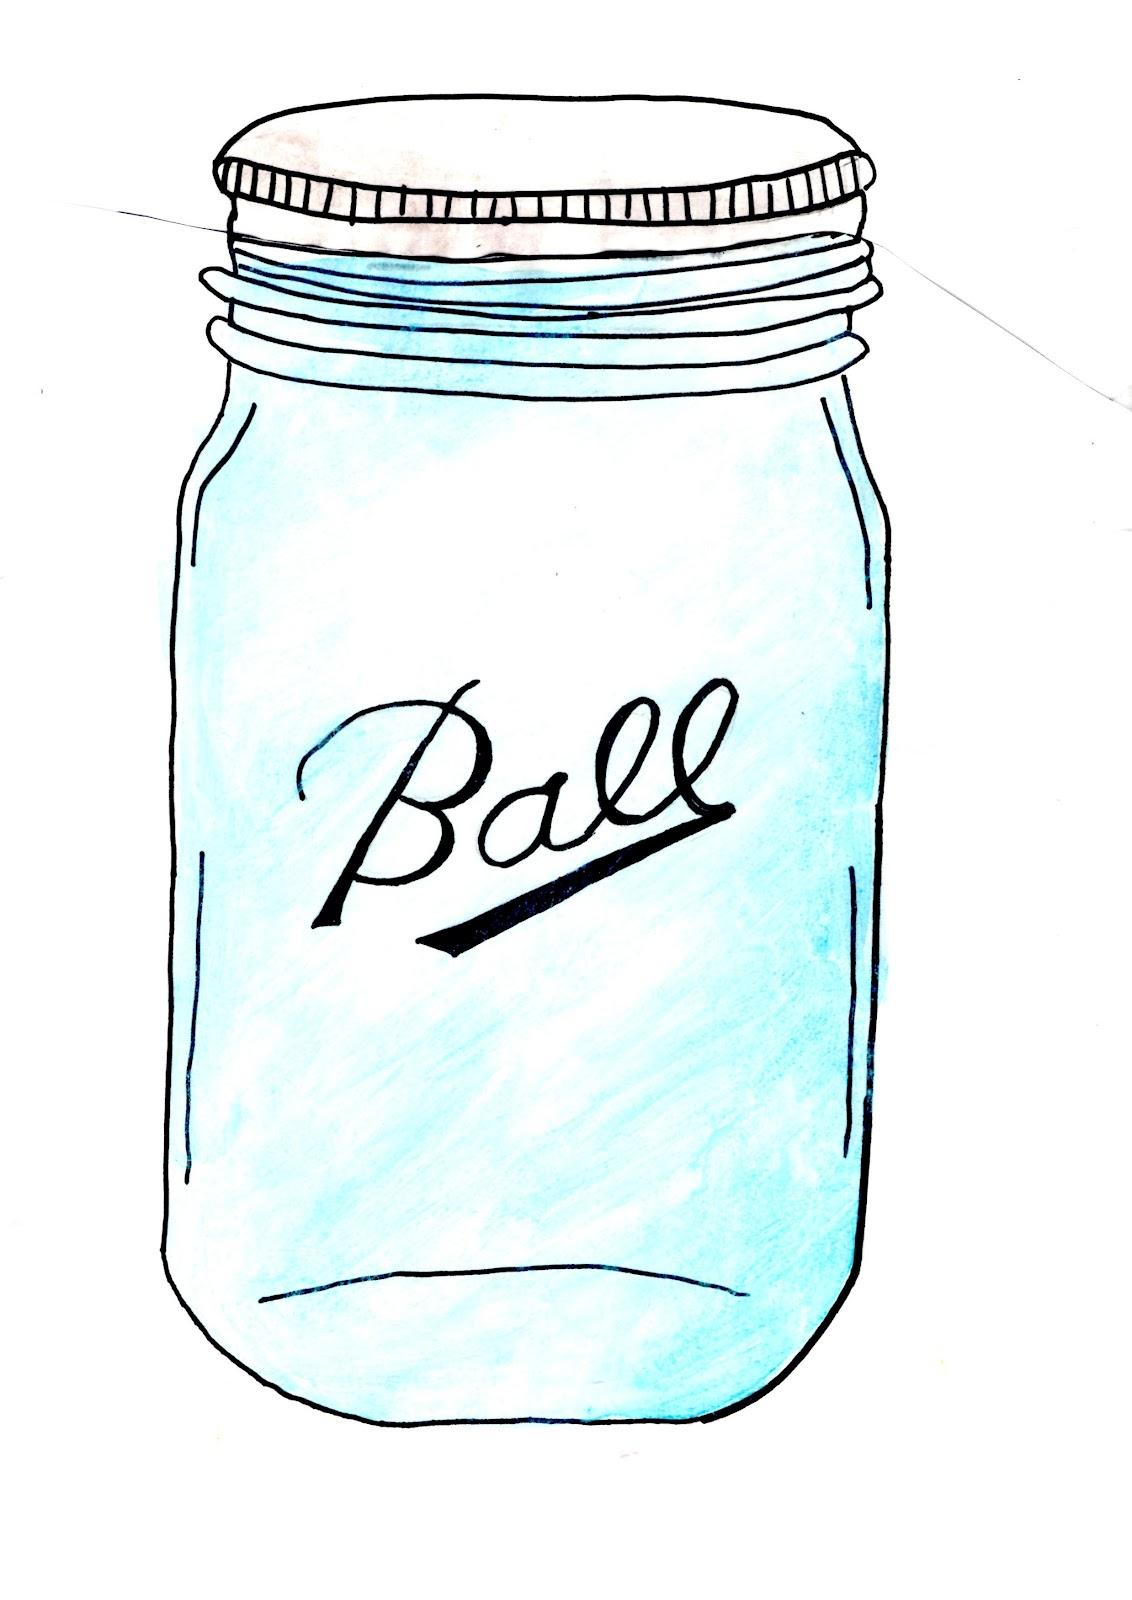 Ball jar clip art.